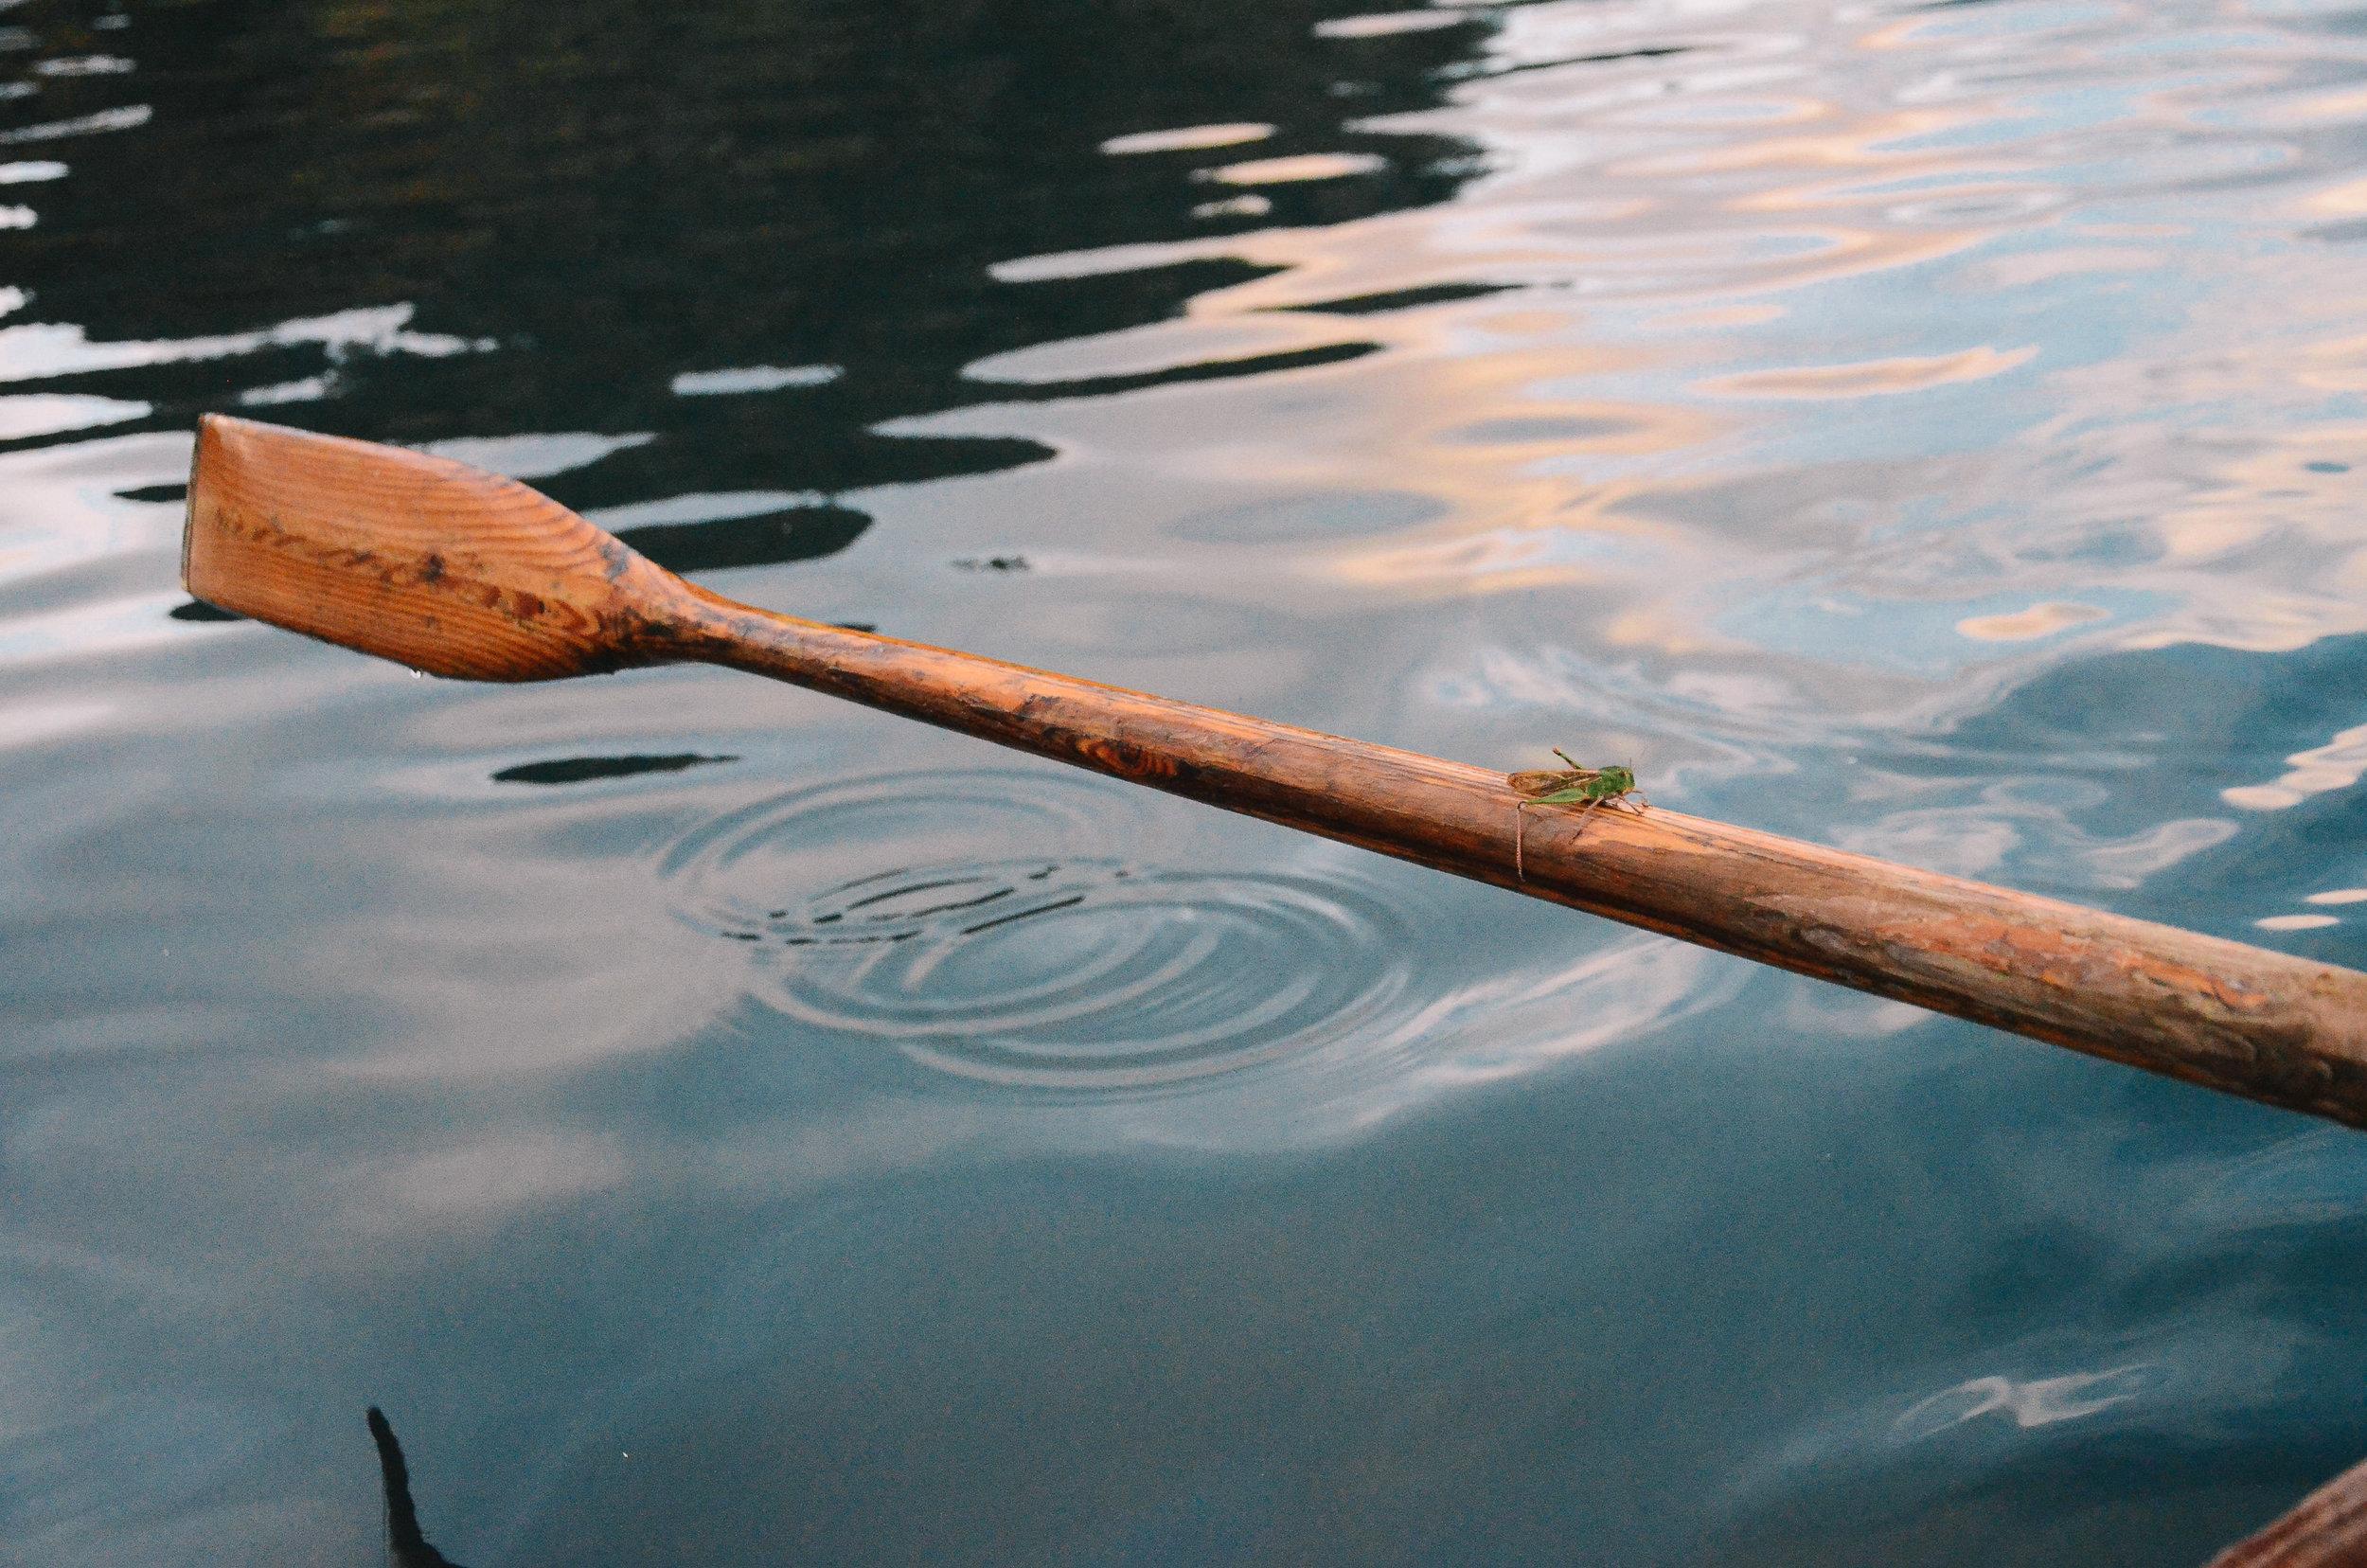 lake-bled-slovenia-travel-guide-lifeonpine_DSC_1289.jpg